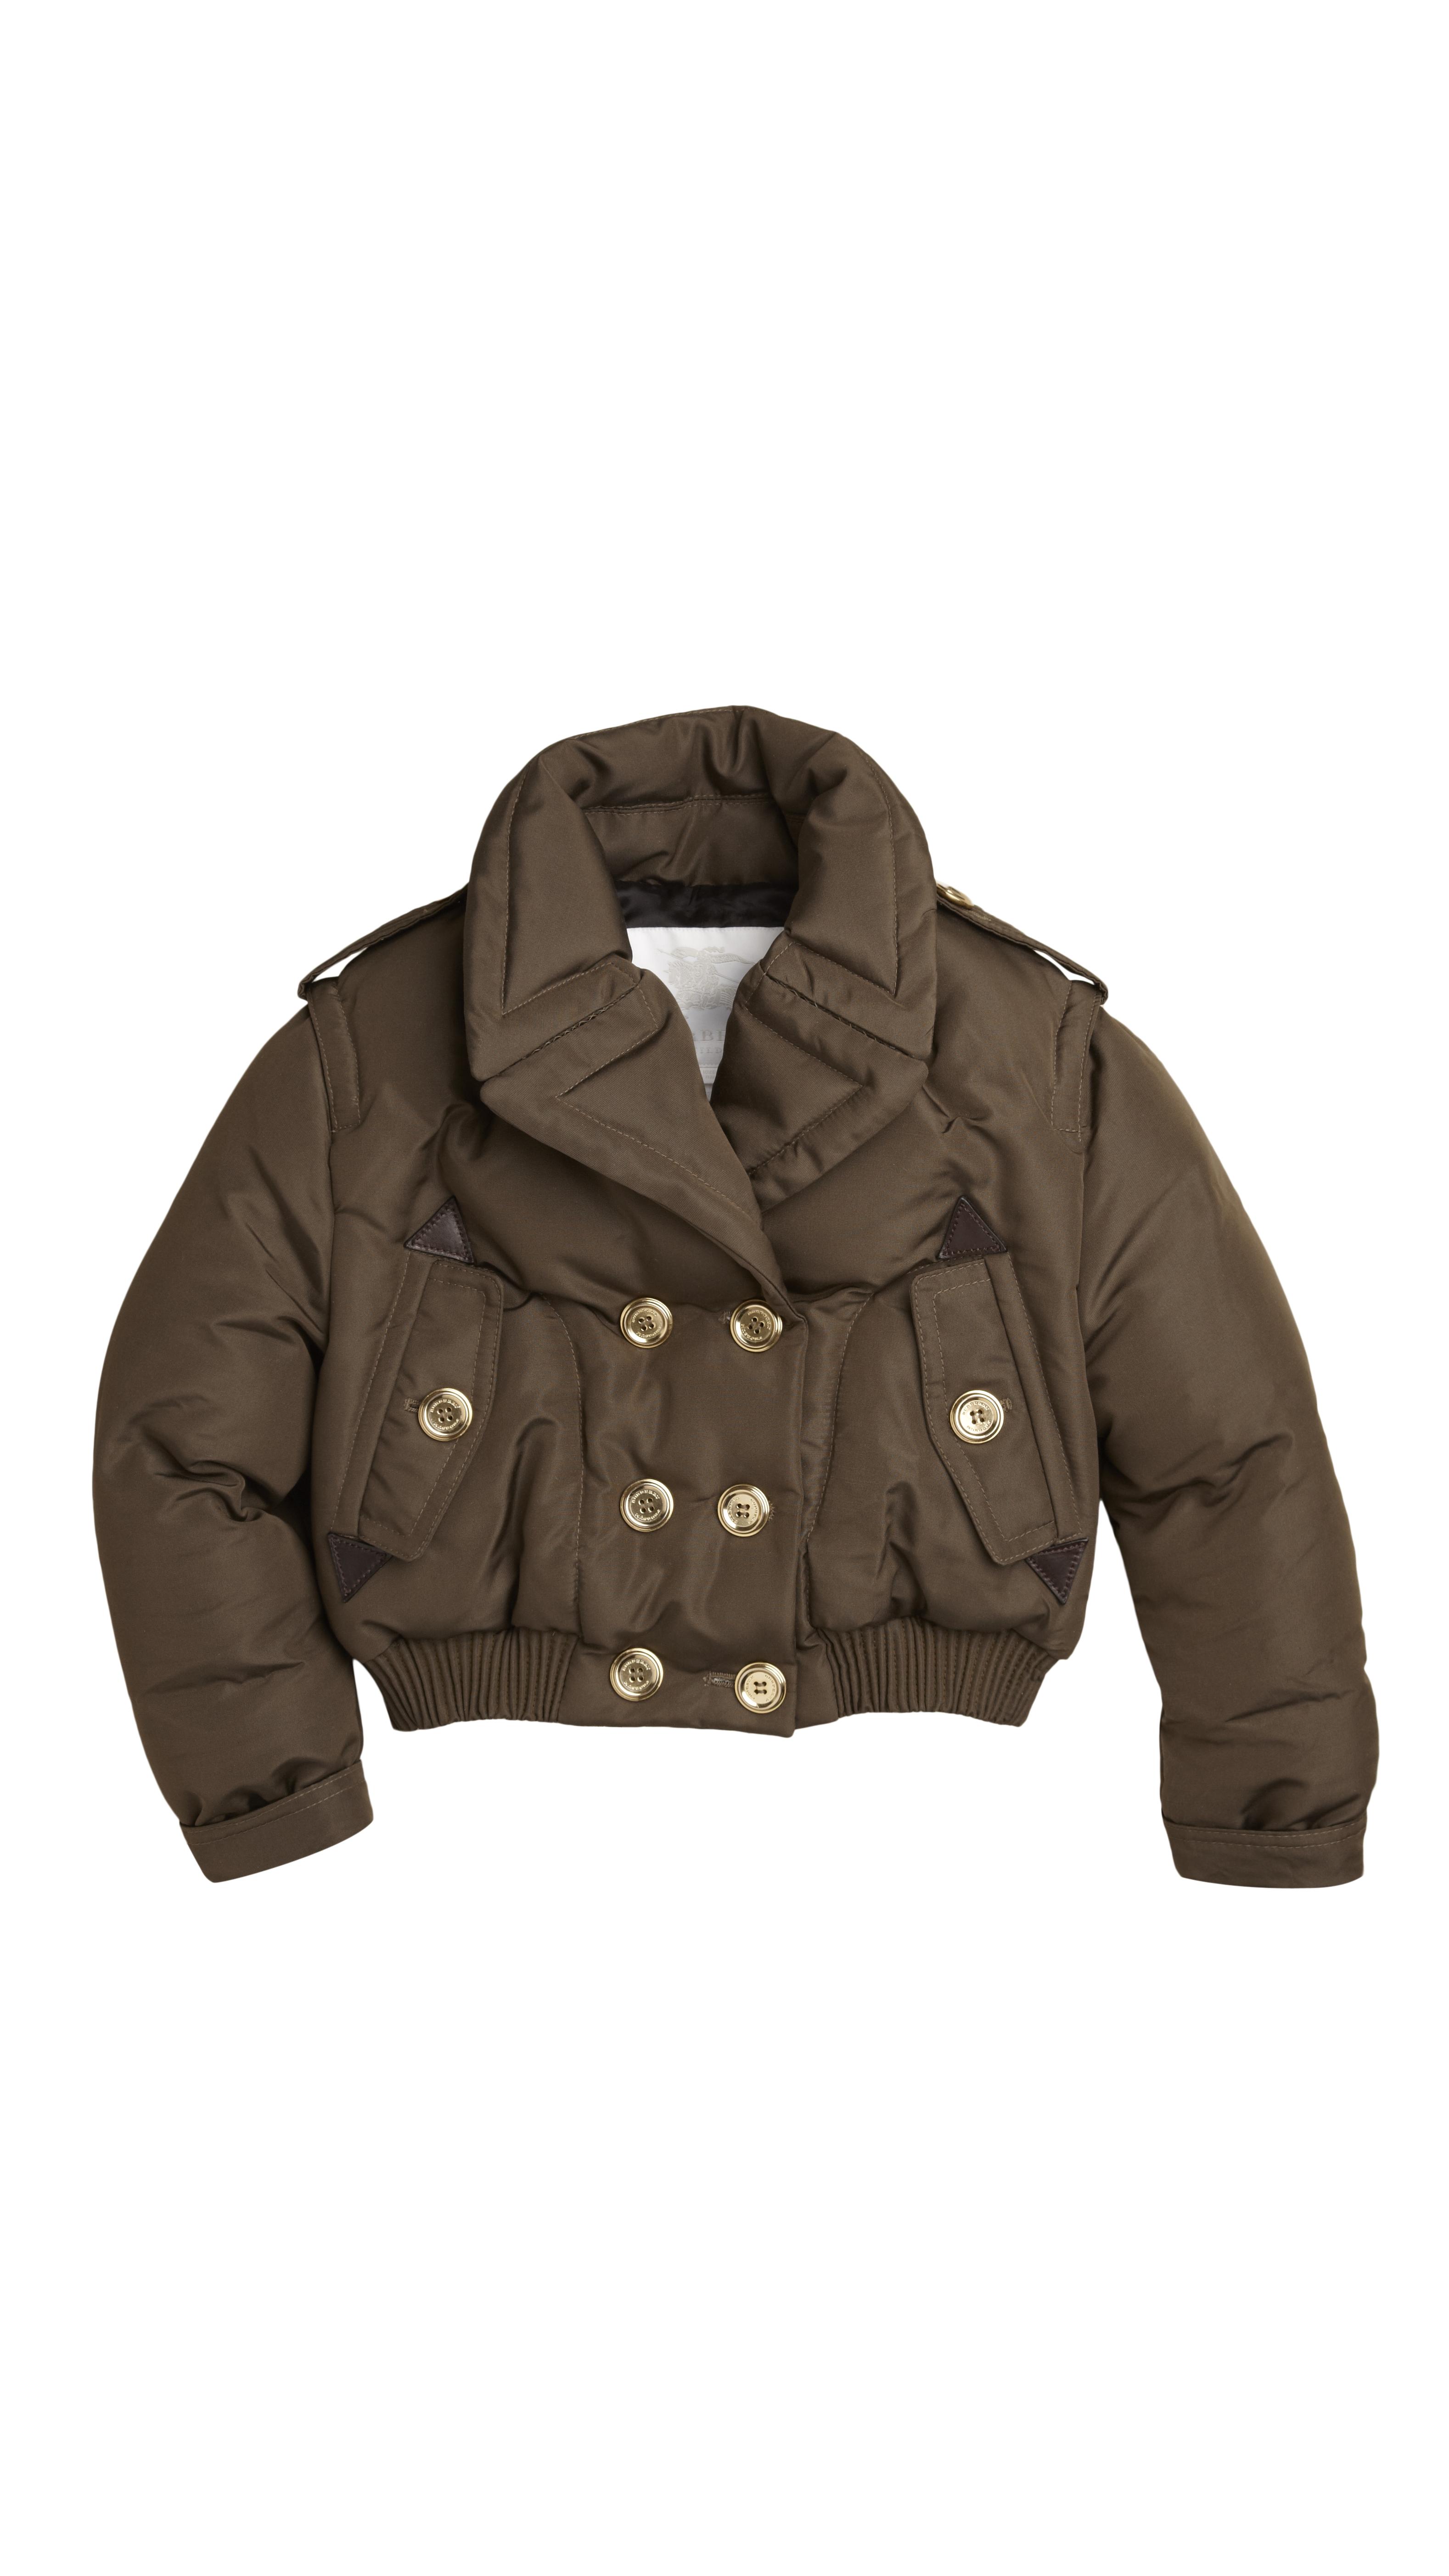 Burberry Çocuk Giyim 2012-2013 Sonbahar-Kış Koleksiyonu